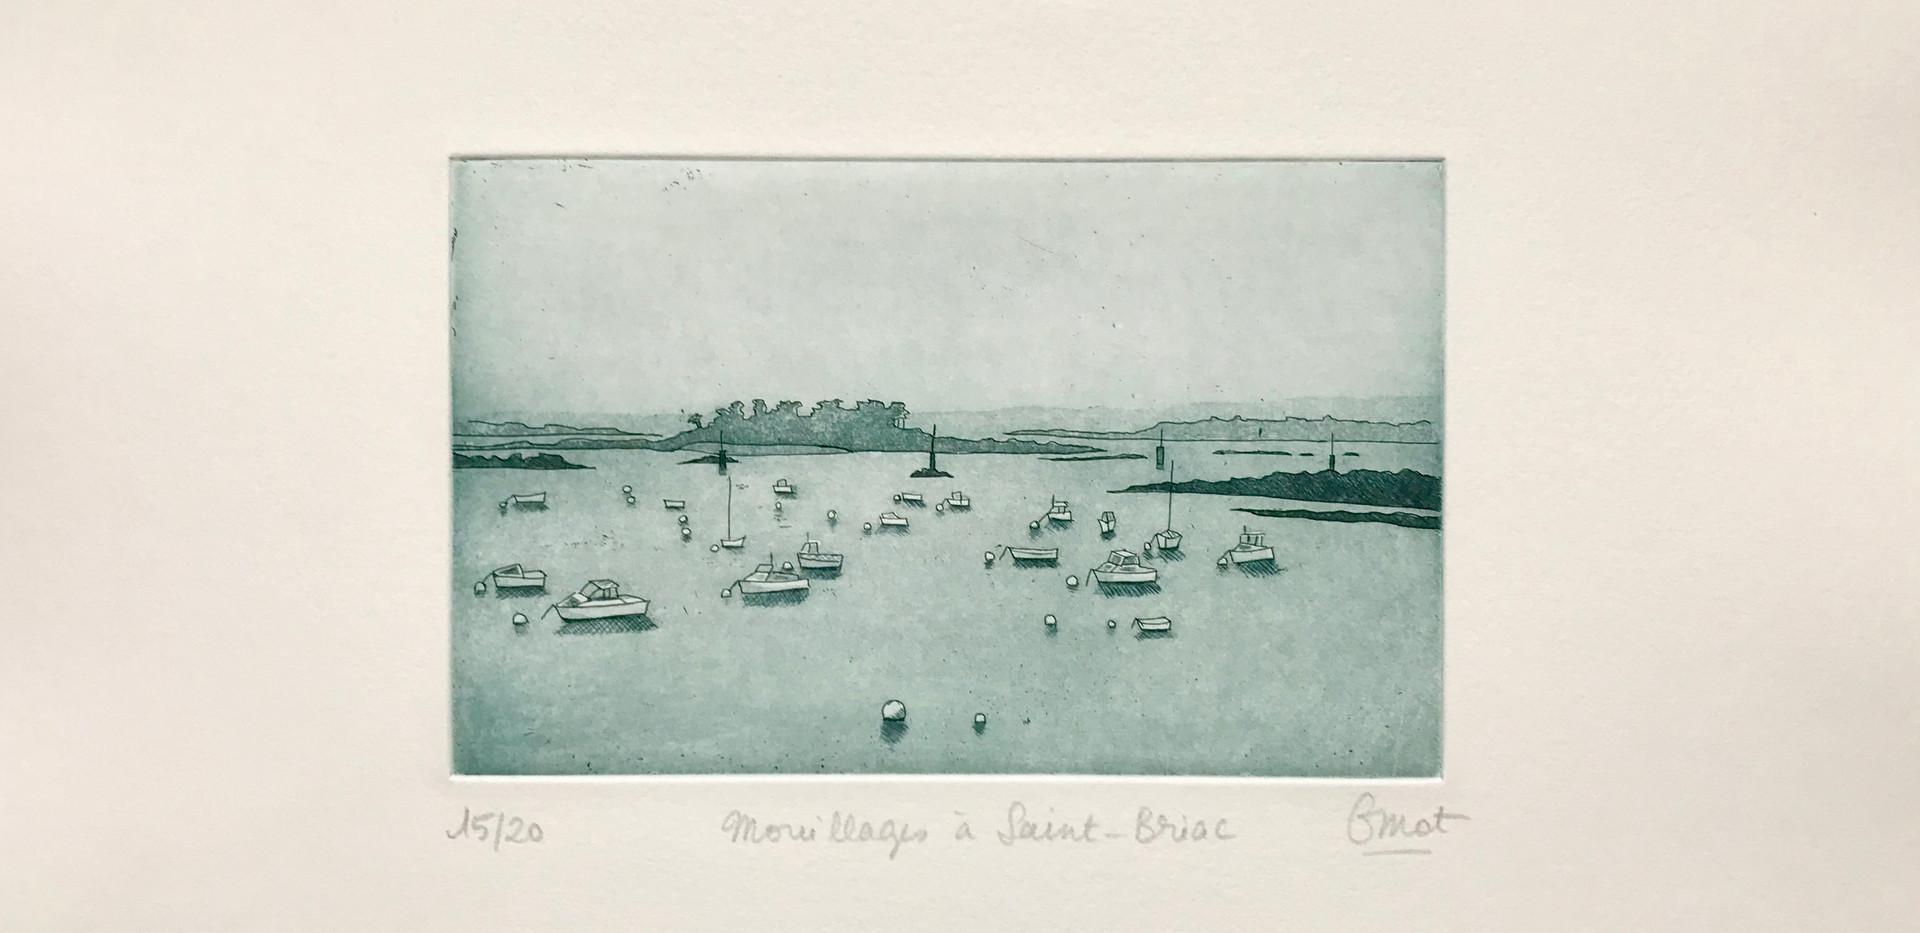 Mouillages de Saint-Briac